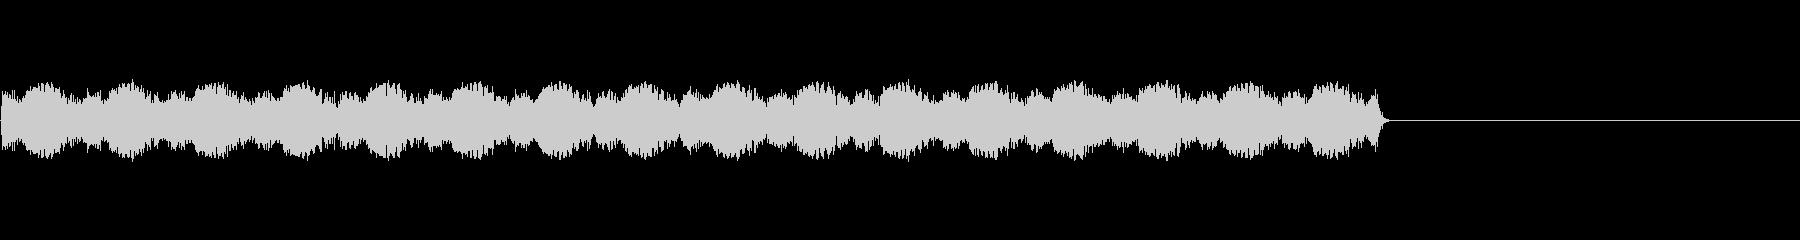 強化レーザー1の未再生の波形